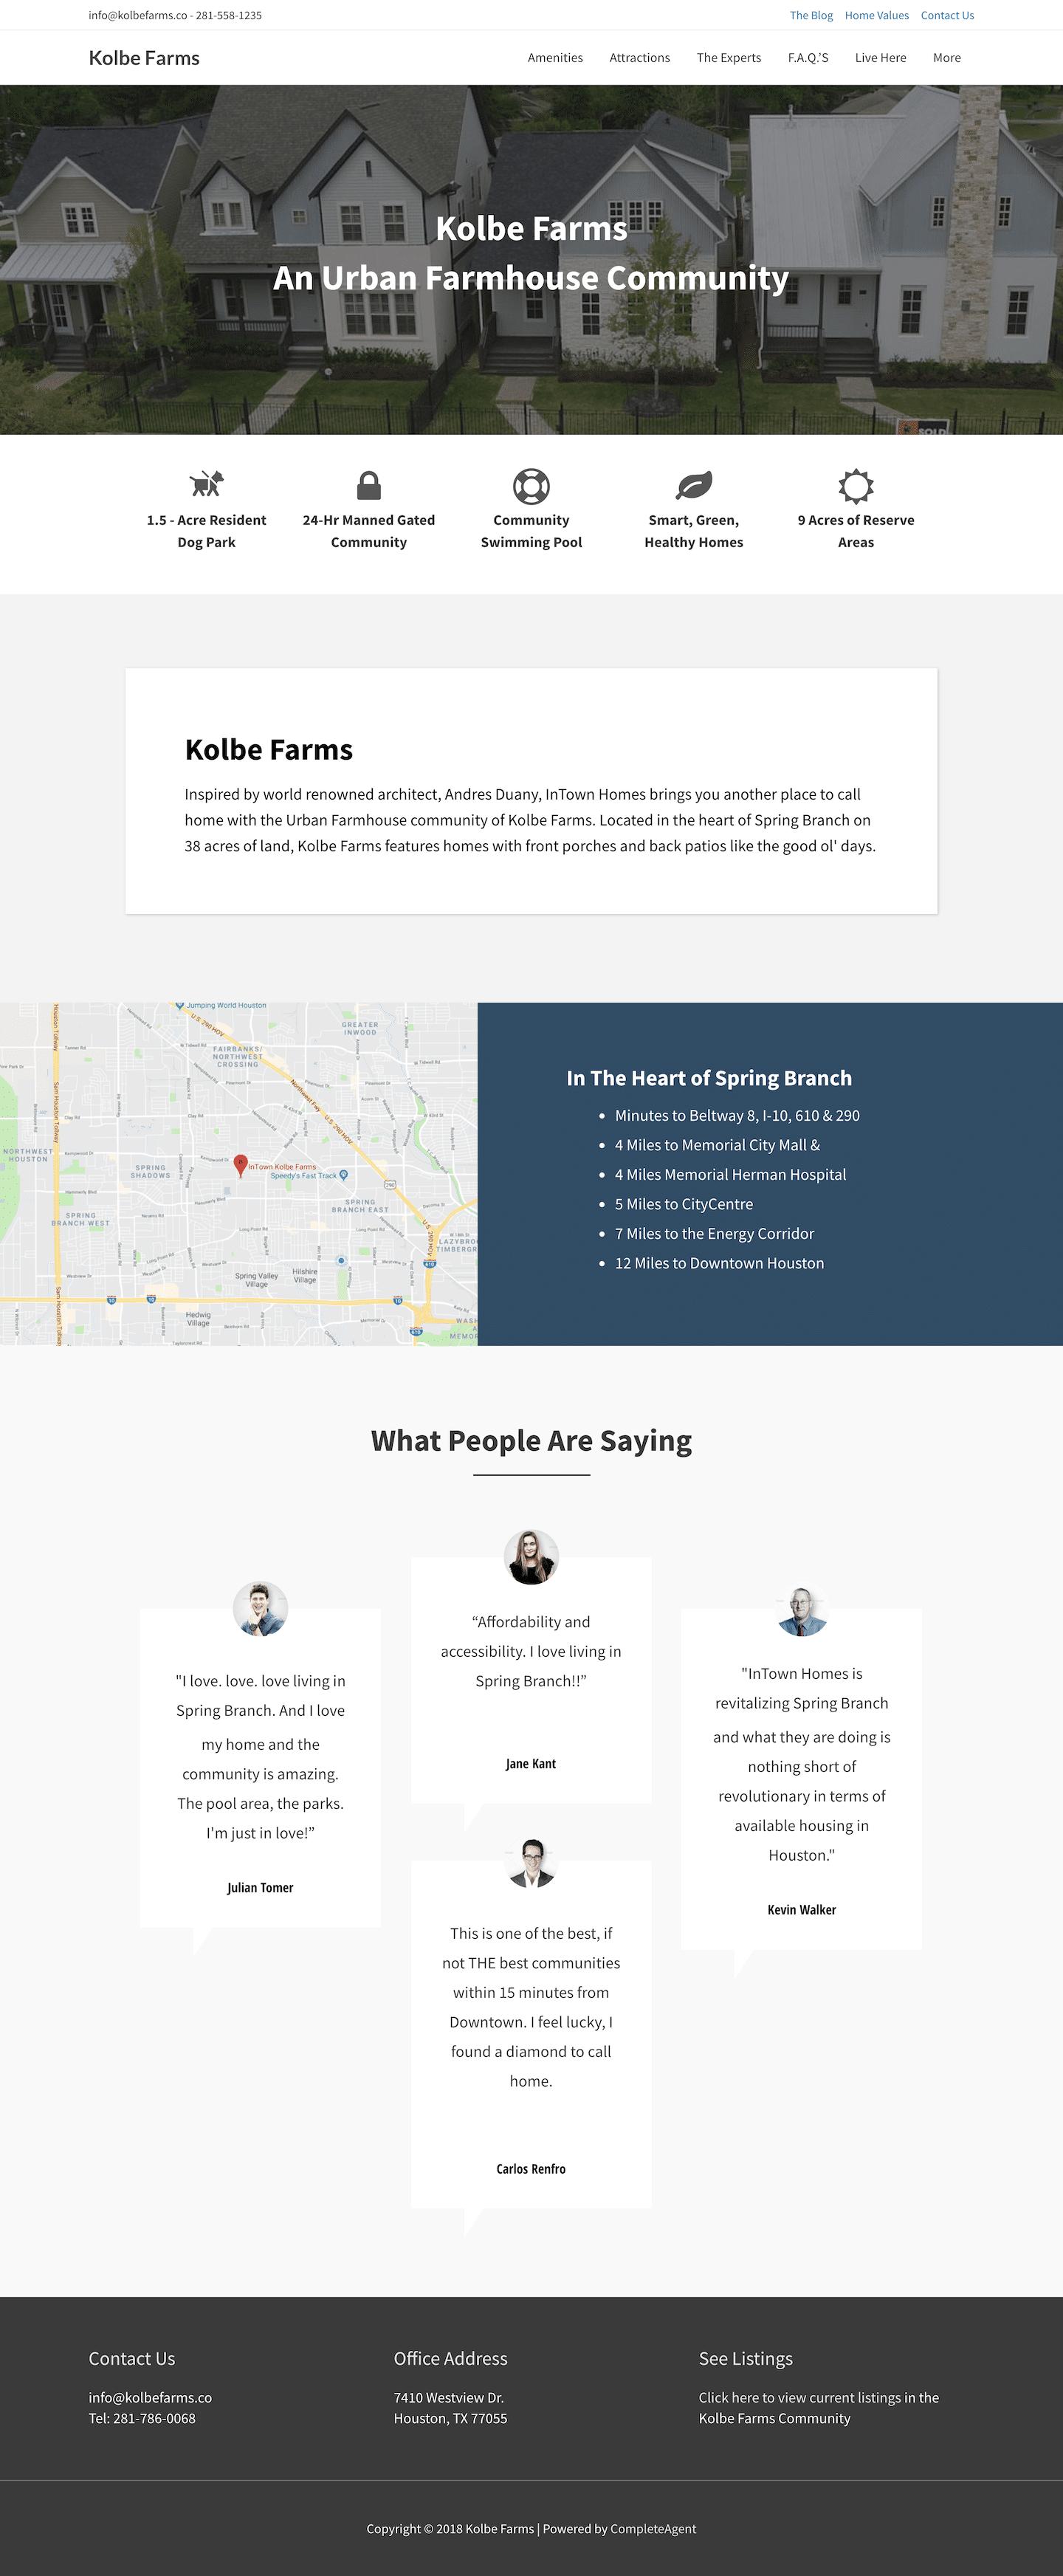 MyKolbeFarms Community Website